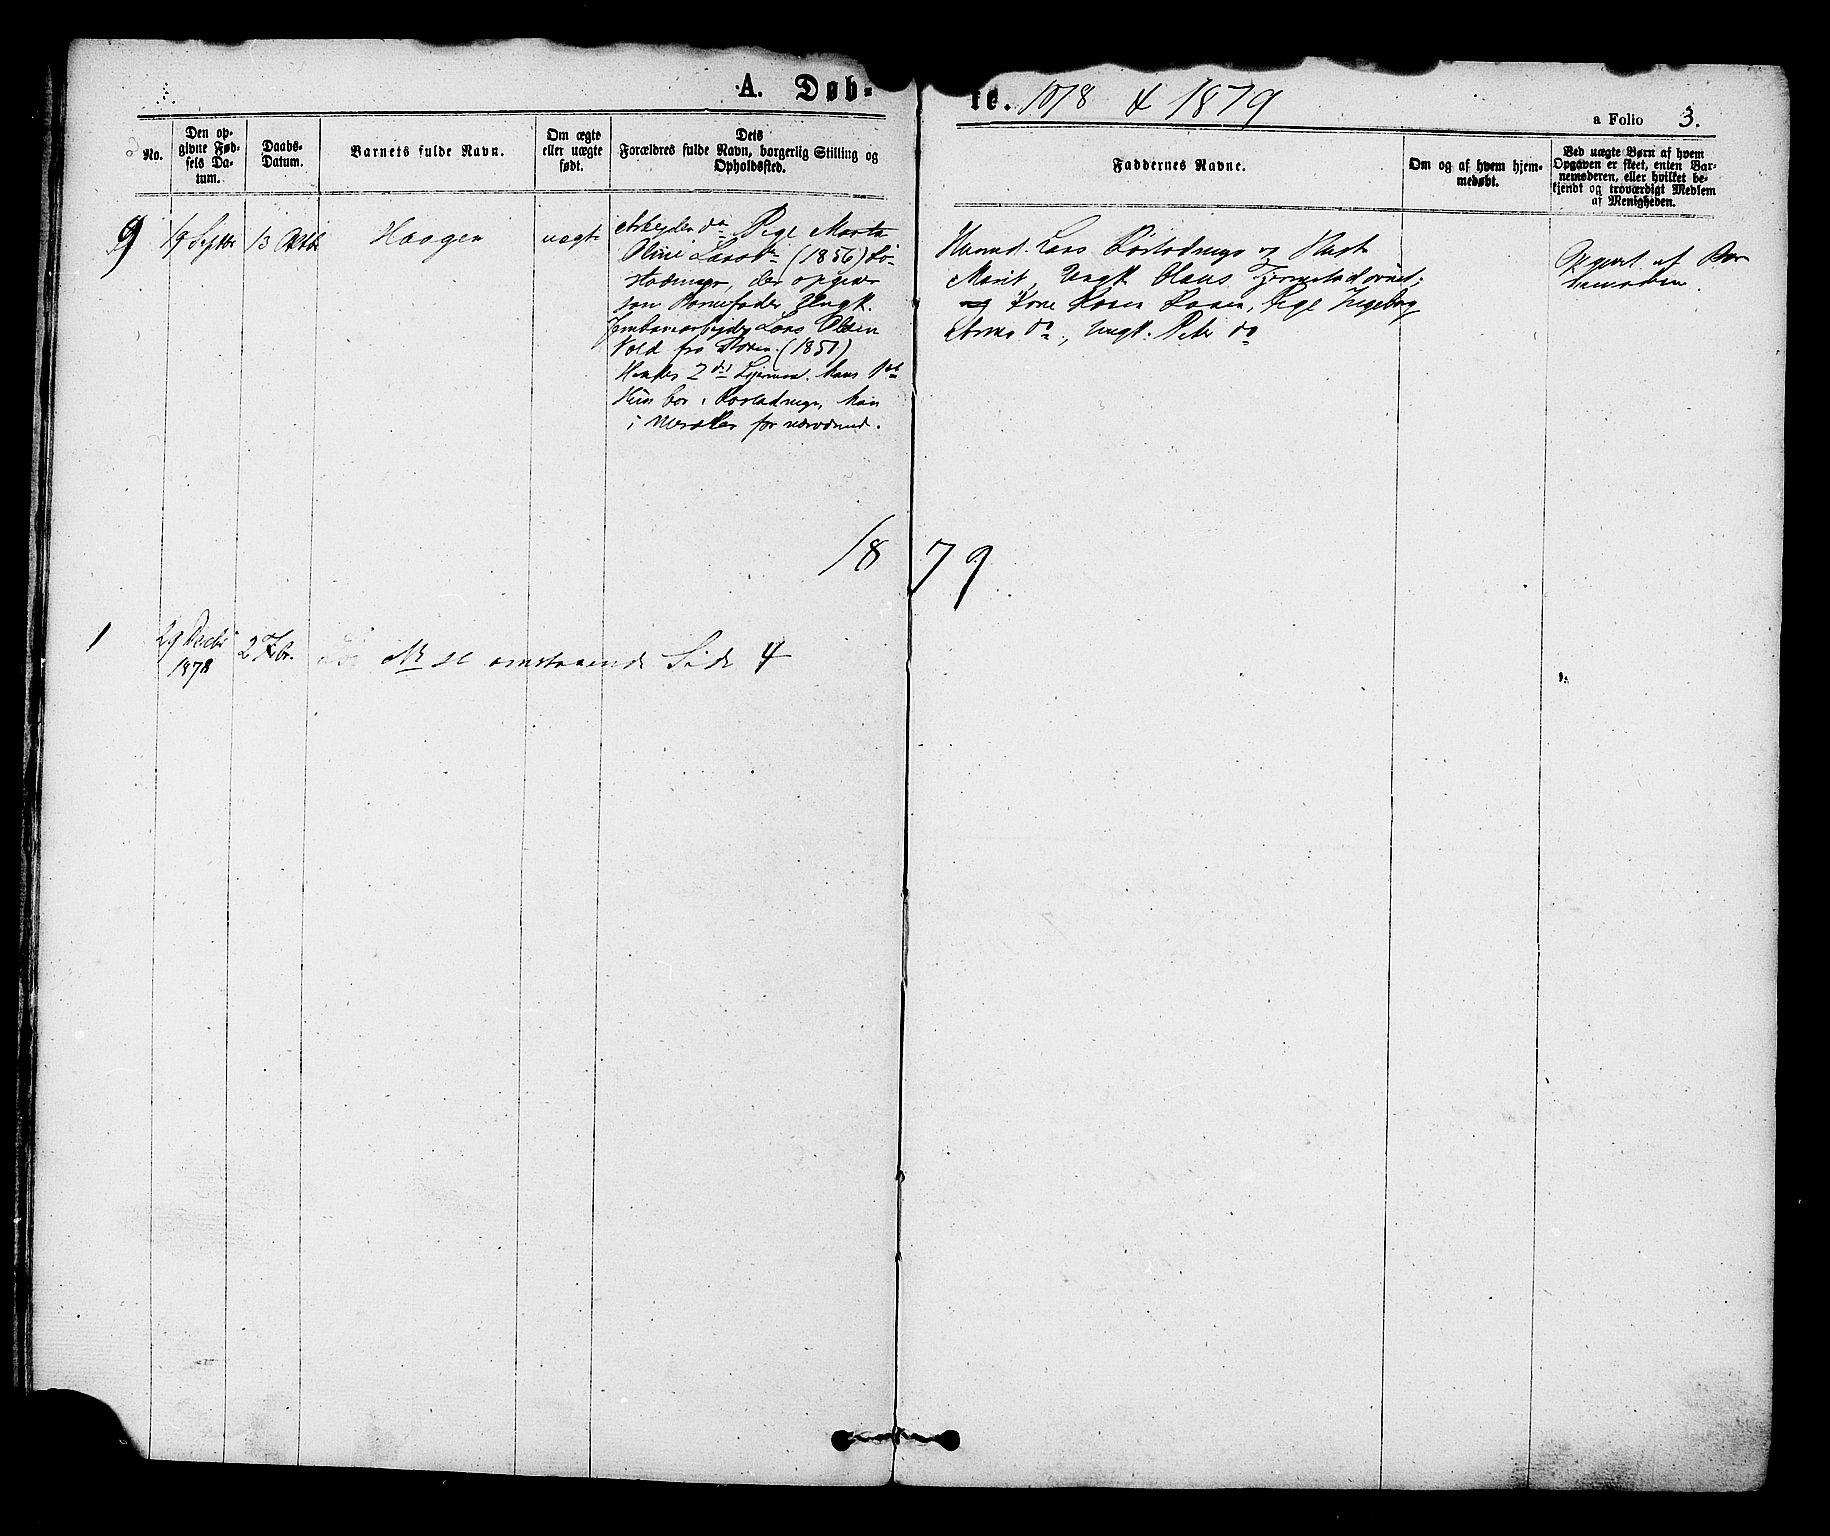 SAT, Ministerialprotokoller, klokkerbøker og fødselsregistre - Sør-Trøndelag, 608/L0334: Ministerialbok nr. 608A03, 1877-1886, s. 3